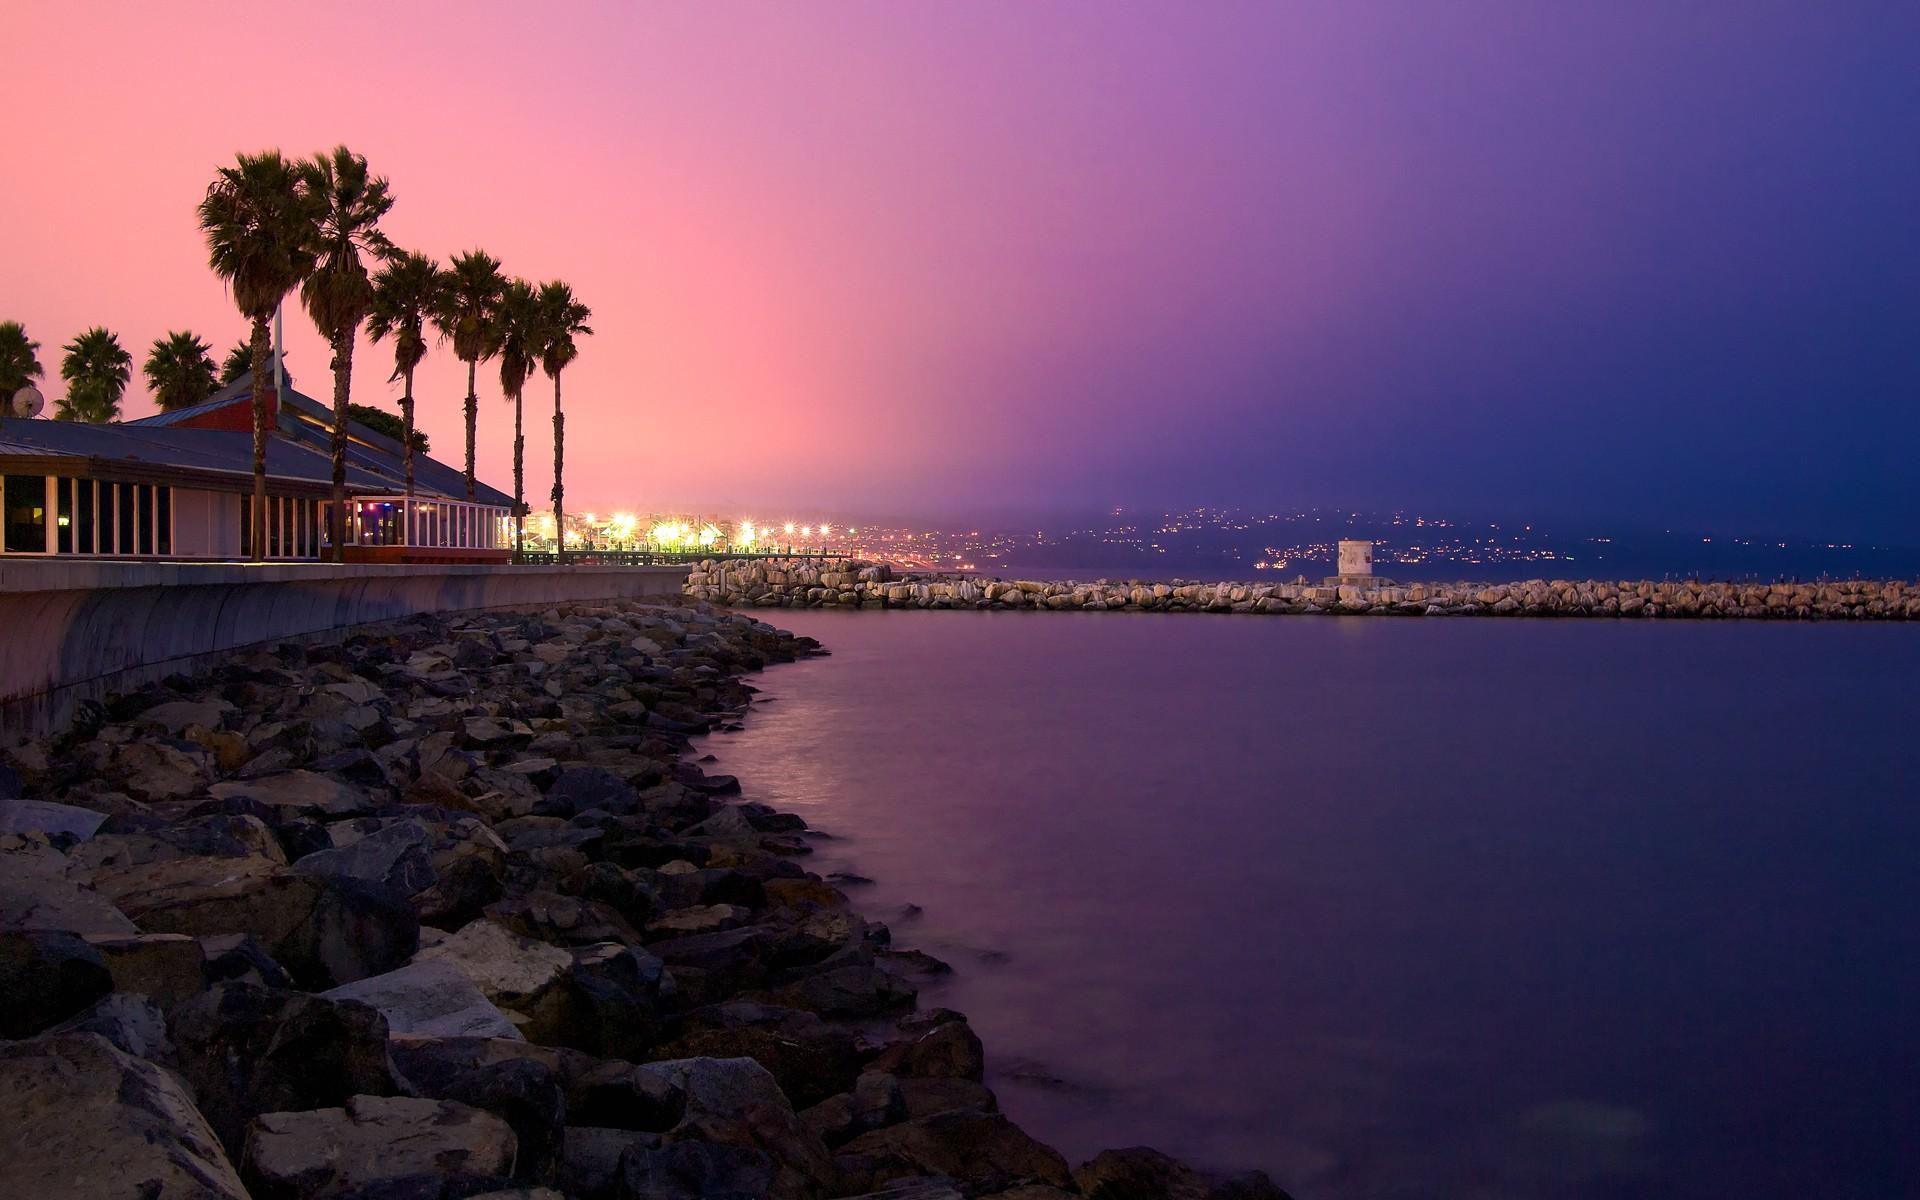 ¡¡¡El maravilloso mundo en el que vivimos!!! Atardecer-violeta-1323